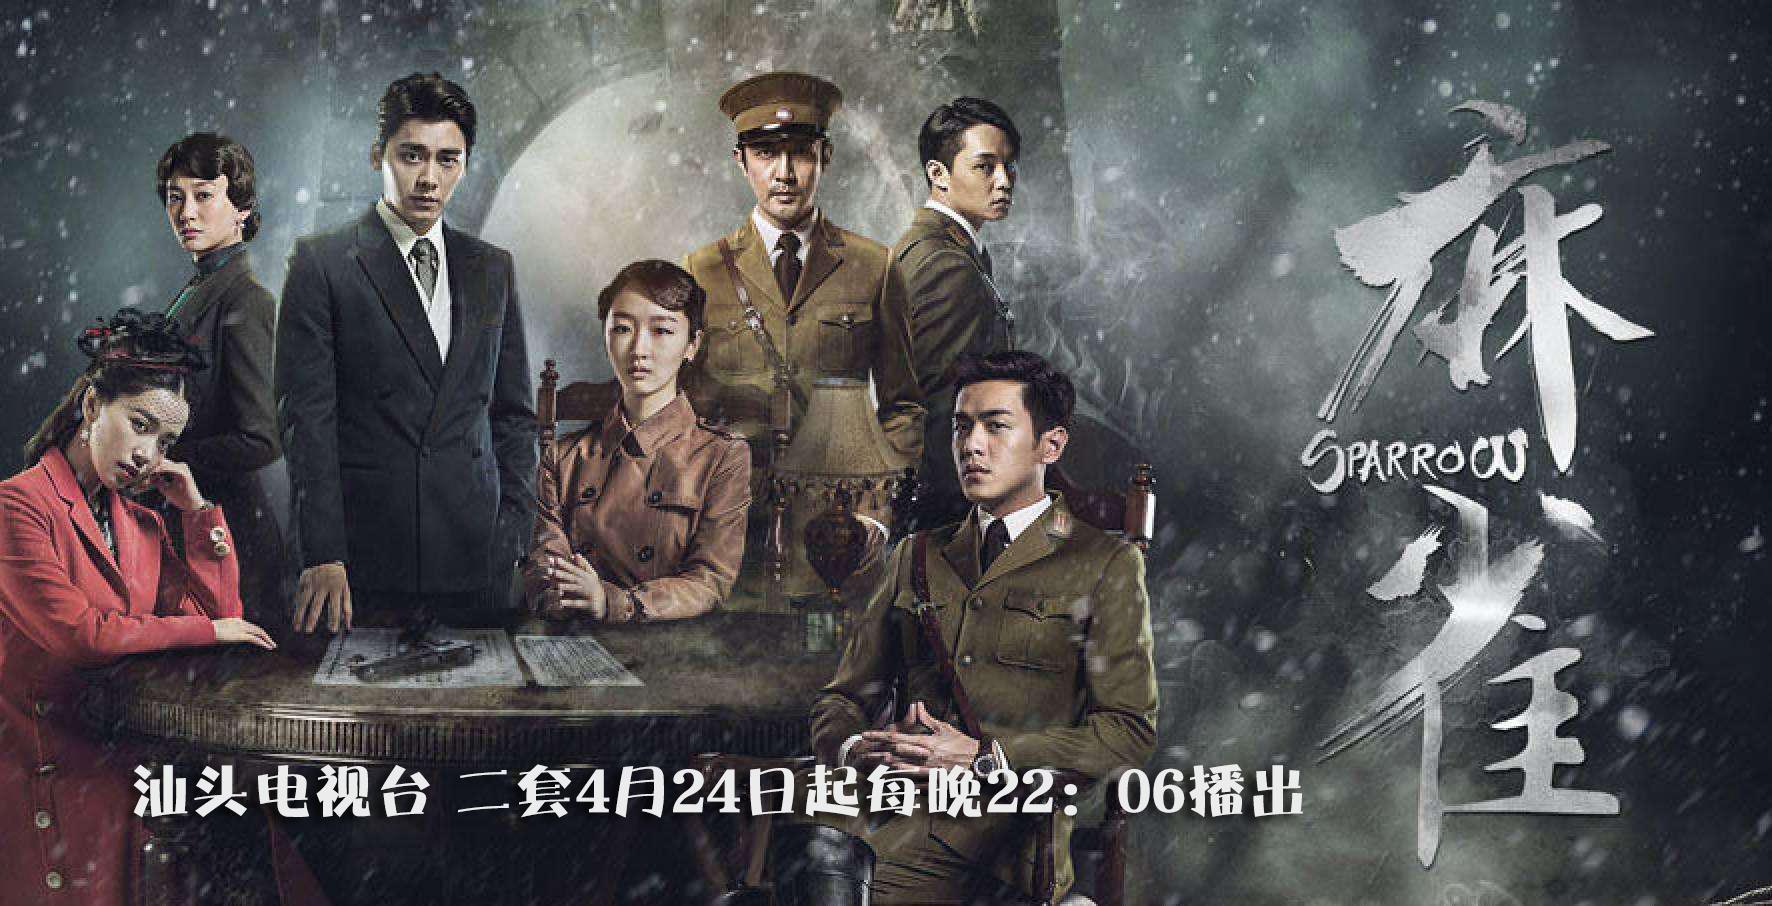 《麻雀》汕头电视台 二套4月24日起每晚22:06播出